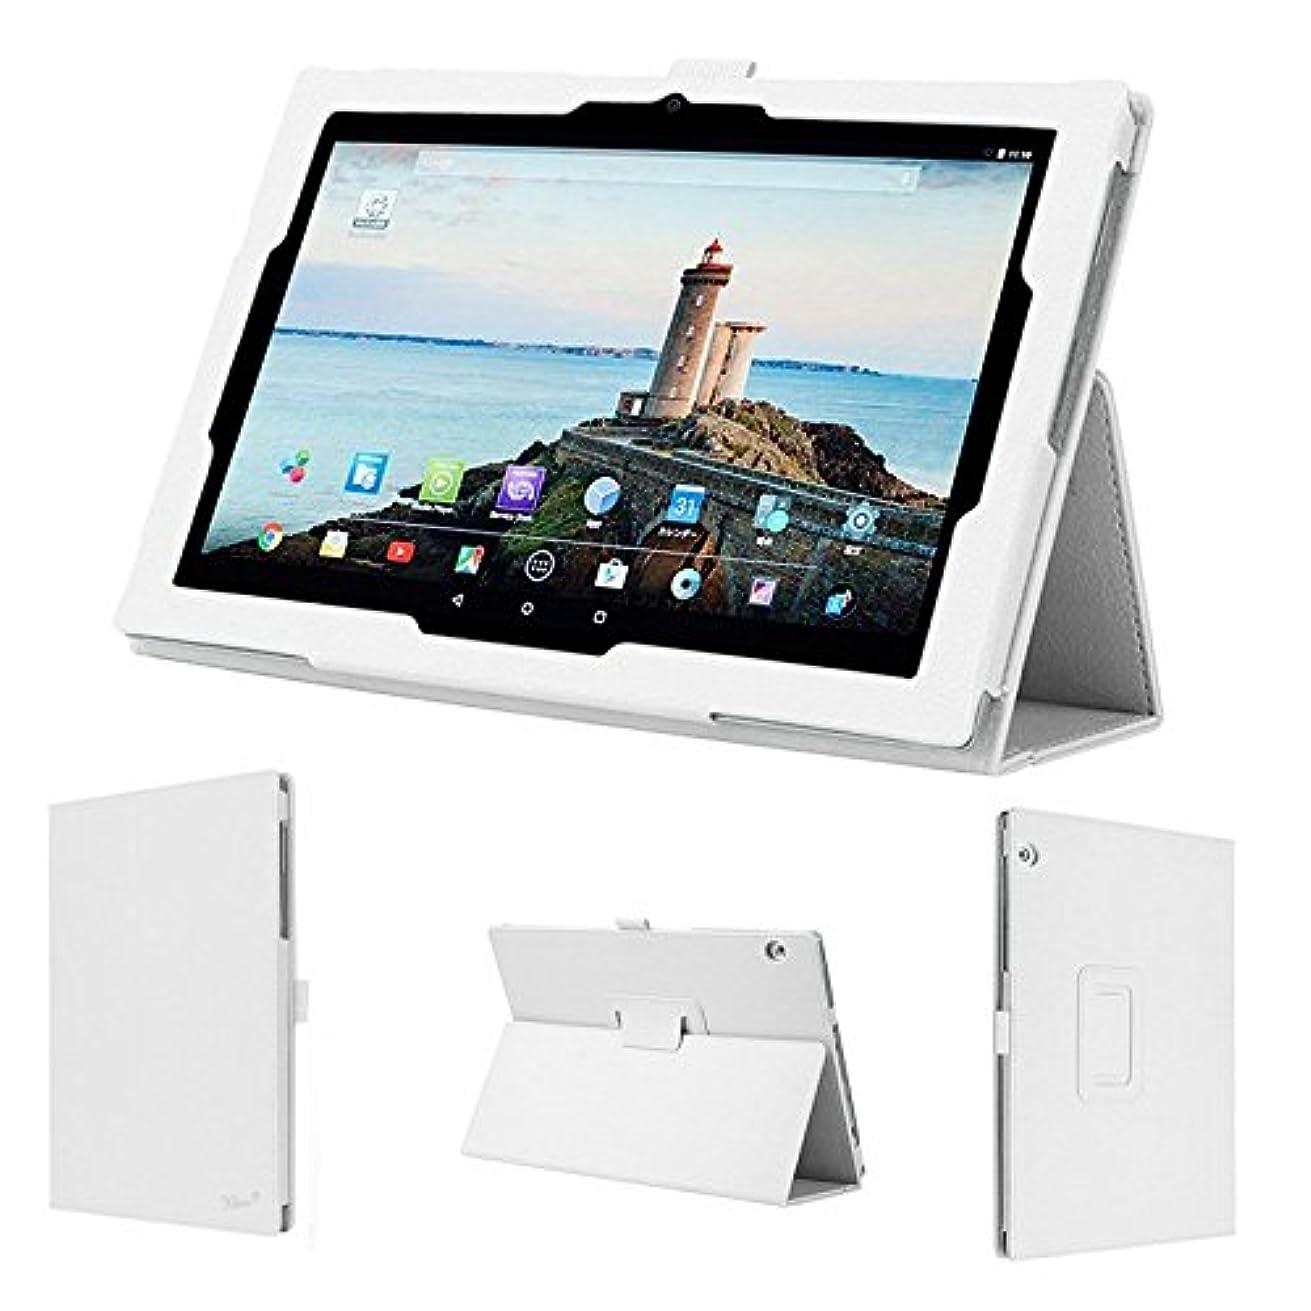 首ドローシリーズwisers 保護フィルム?タッチペン付 東芝 Toshiba Android (TM) タブレット A205SB SoftBank 専用モデル タブレット 専用 ケース カバー ホワイト